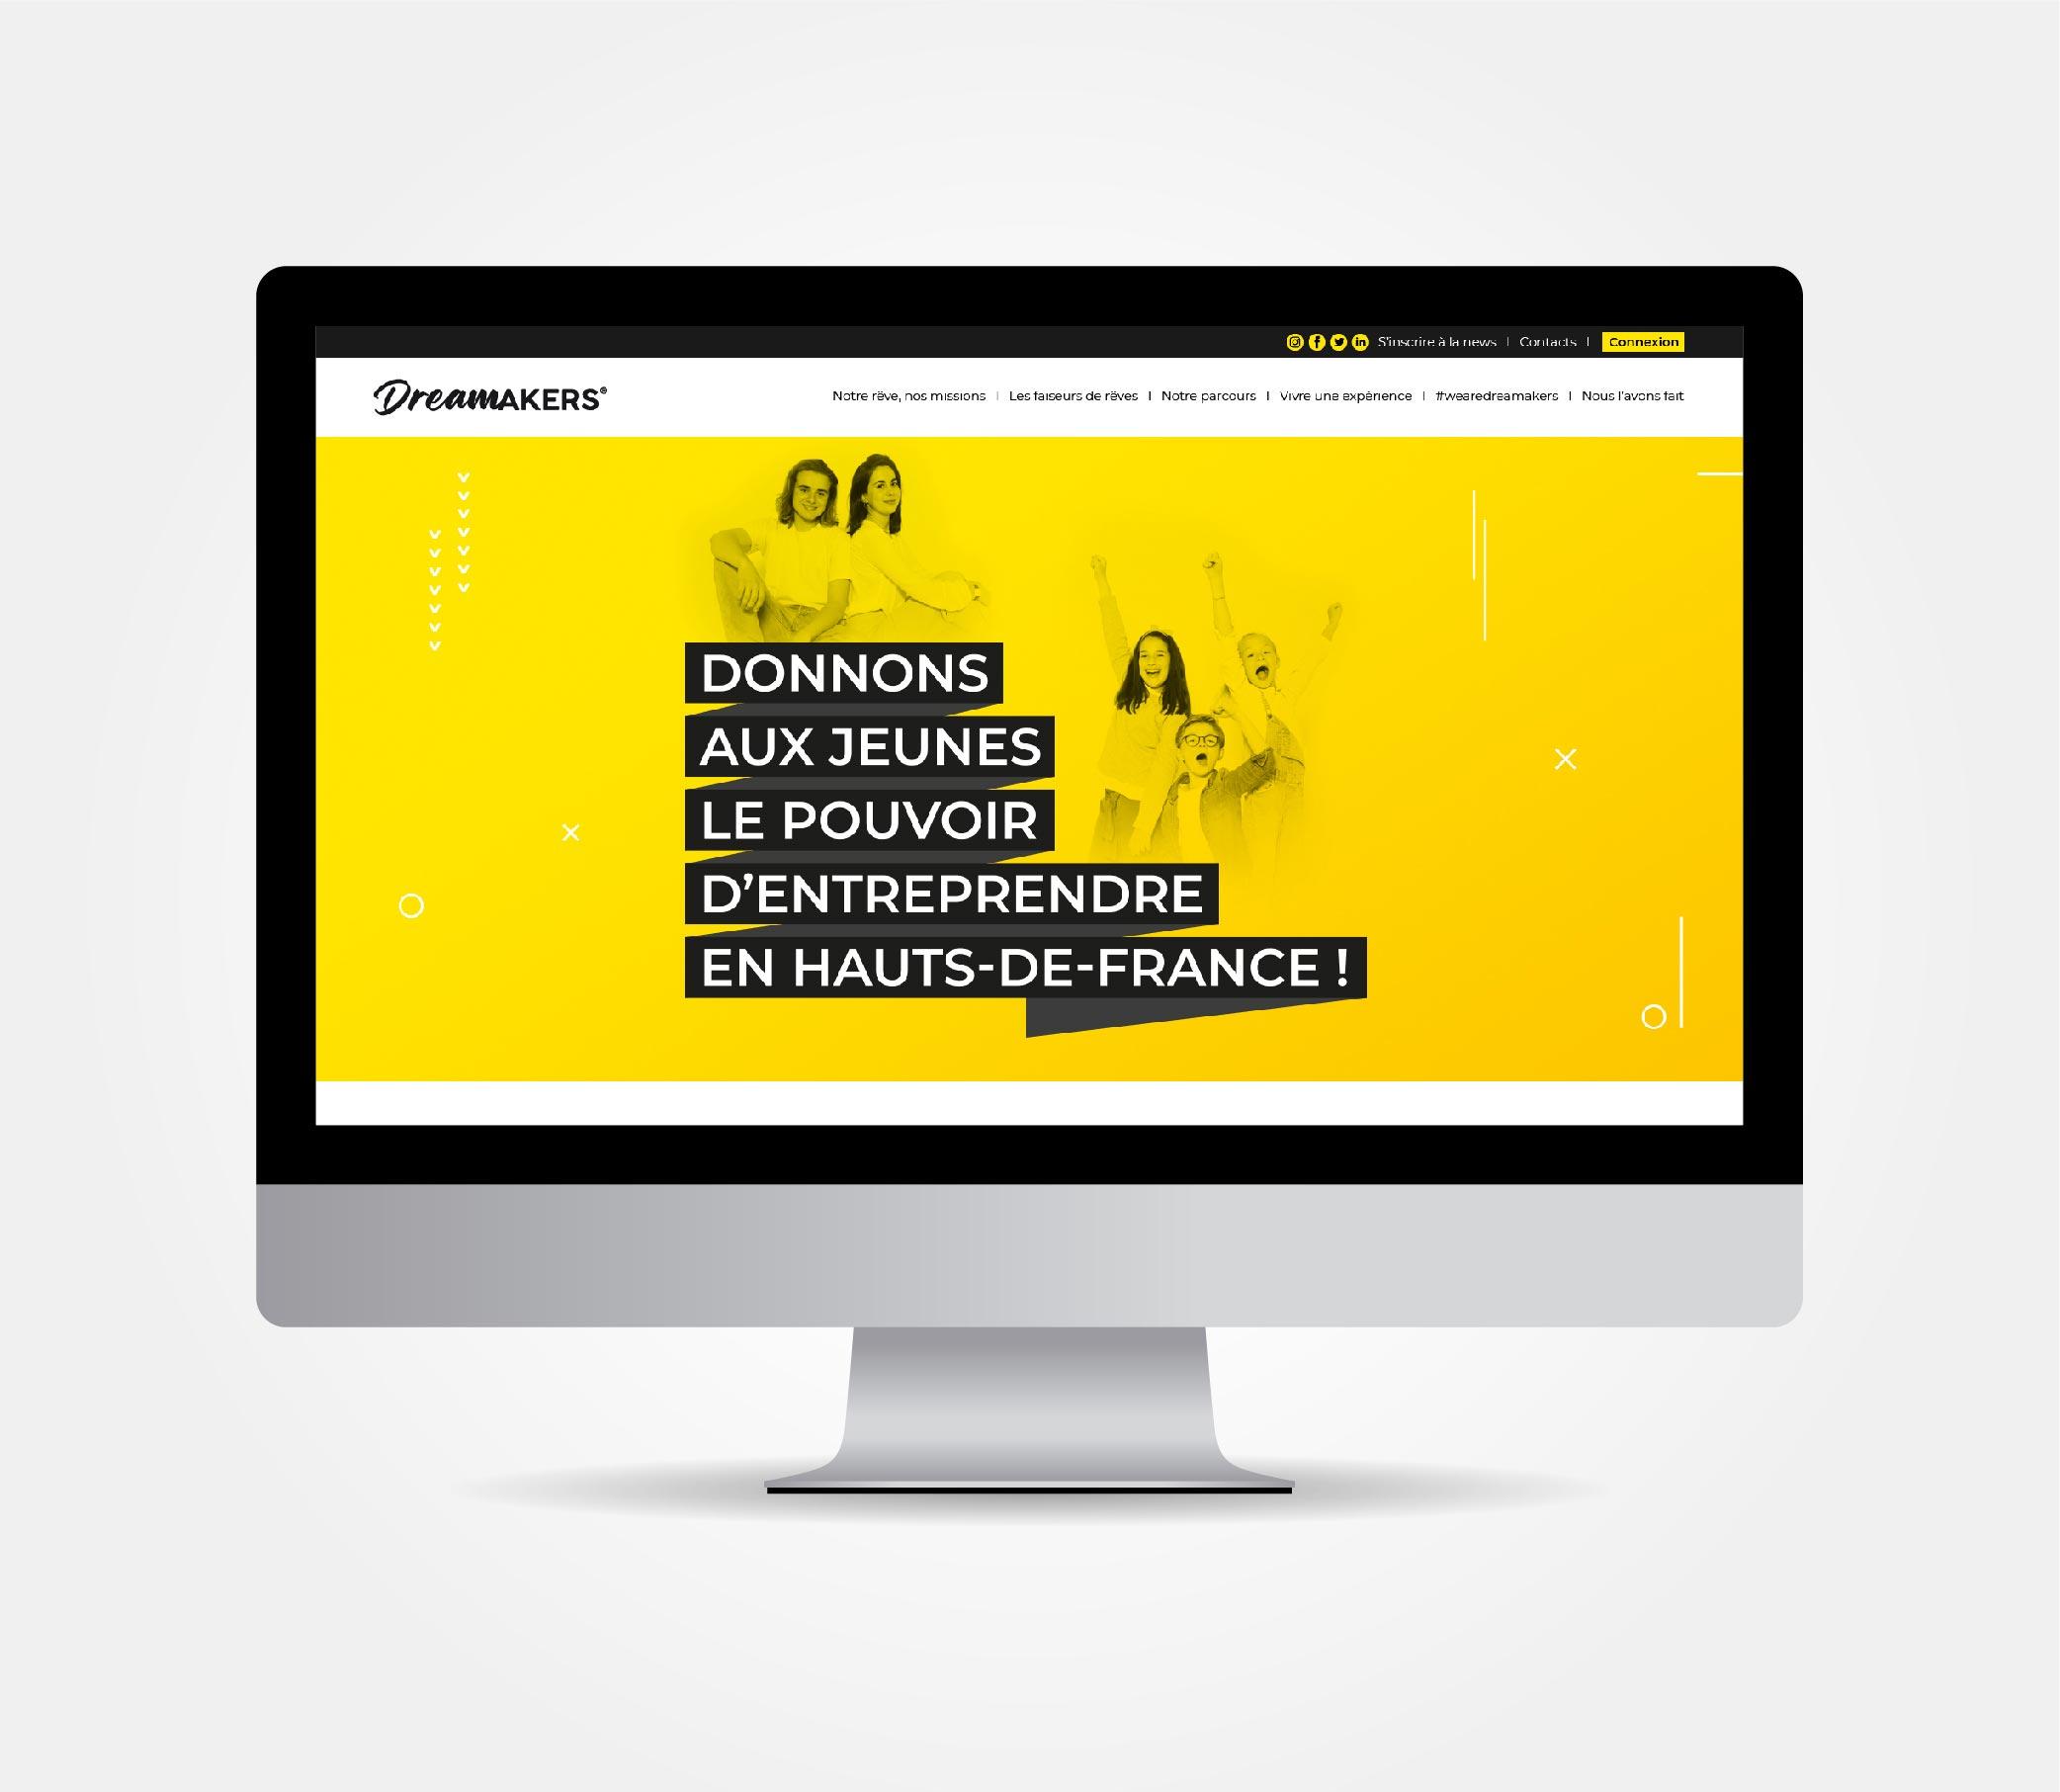 JBL Com & Cie - Portfolio - Dreamakers Site